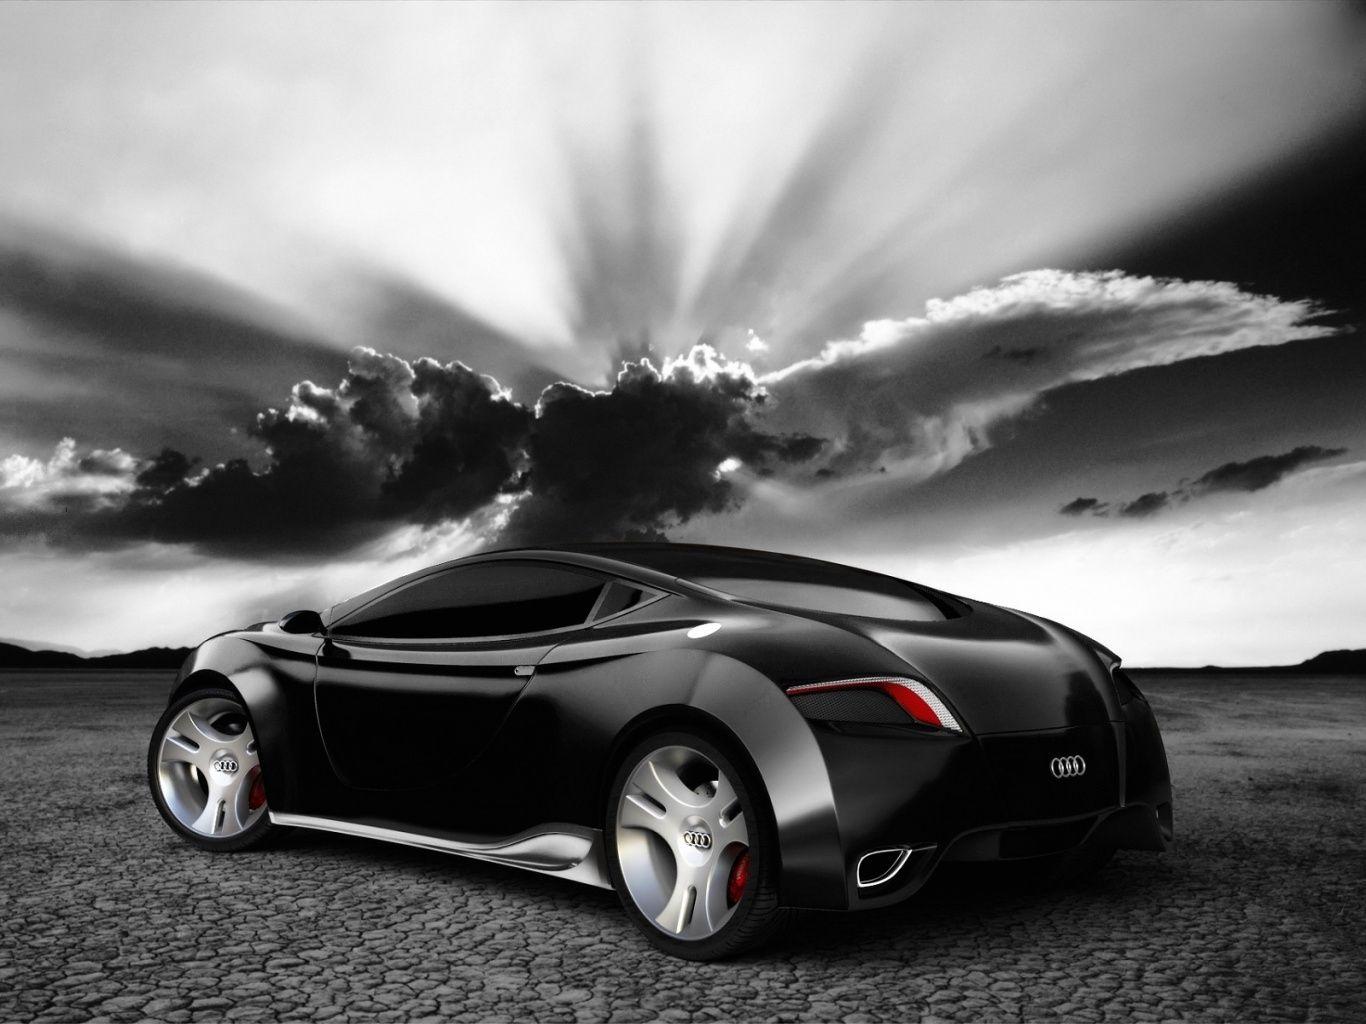 Fondos De Pantalla De Autos Deportivos Para Celular Fondos: Fondos De Autos Para Escritorio En Hd 8 HD Wallpapers